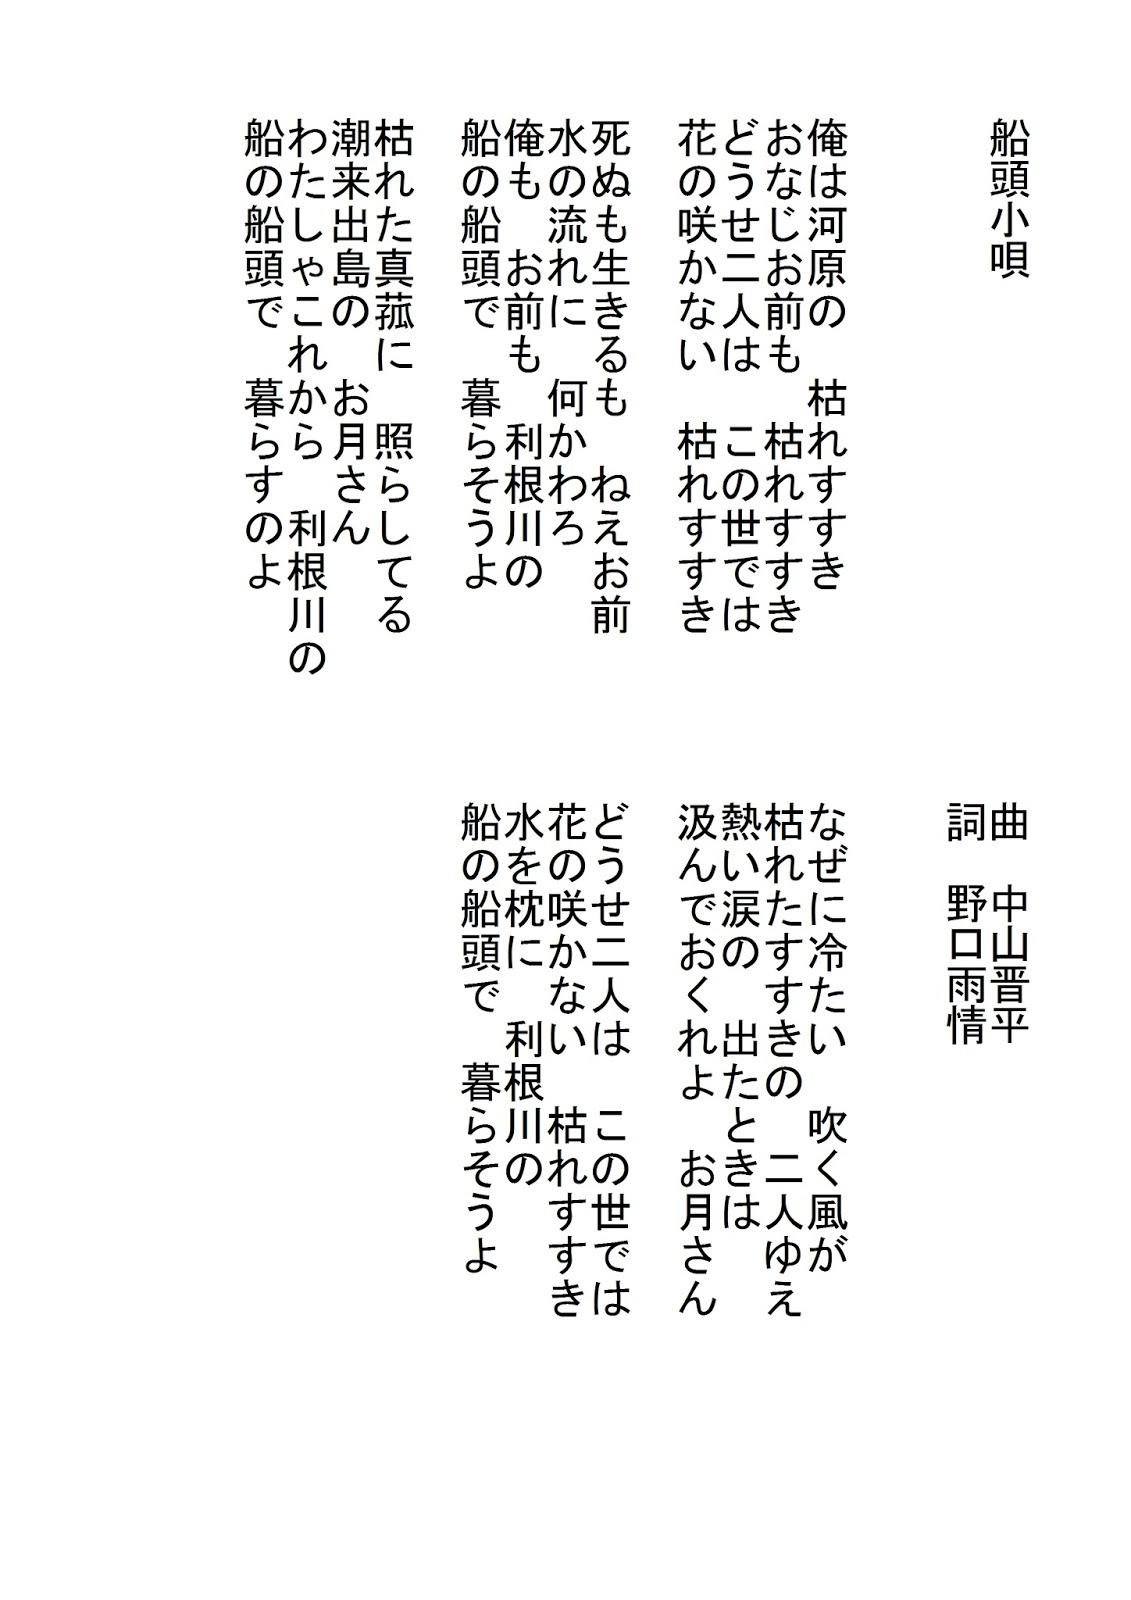 동심초 晩年惟好靜: 船頭小唄(뱃사공의노래)